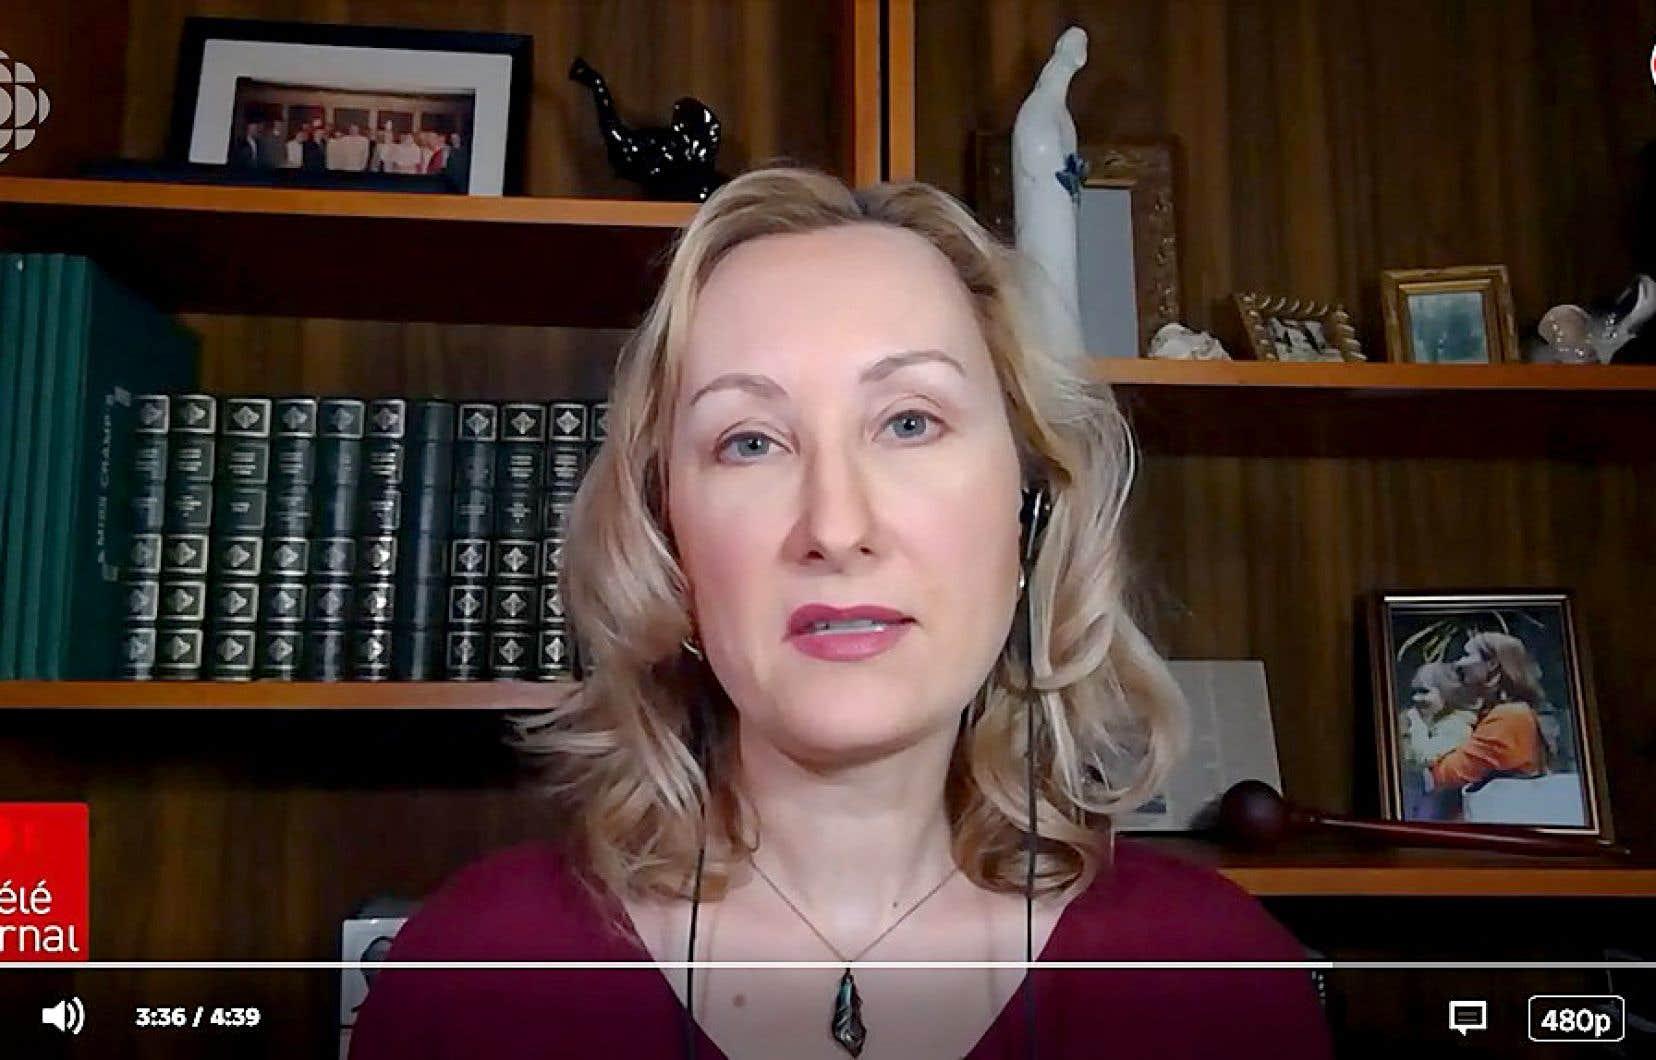 Les téléspectateurs peuvent voir le bureau personnel de la commentatrice Tasha Kheiriddin, d'où elle fait ses apparitions au téléjournal depuis le début du confinement.